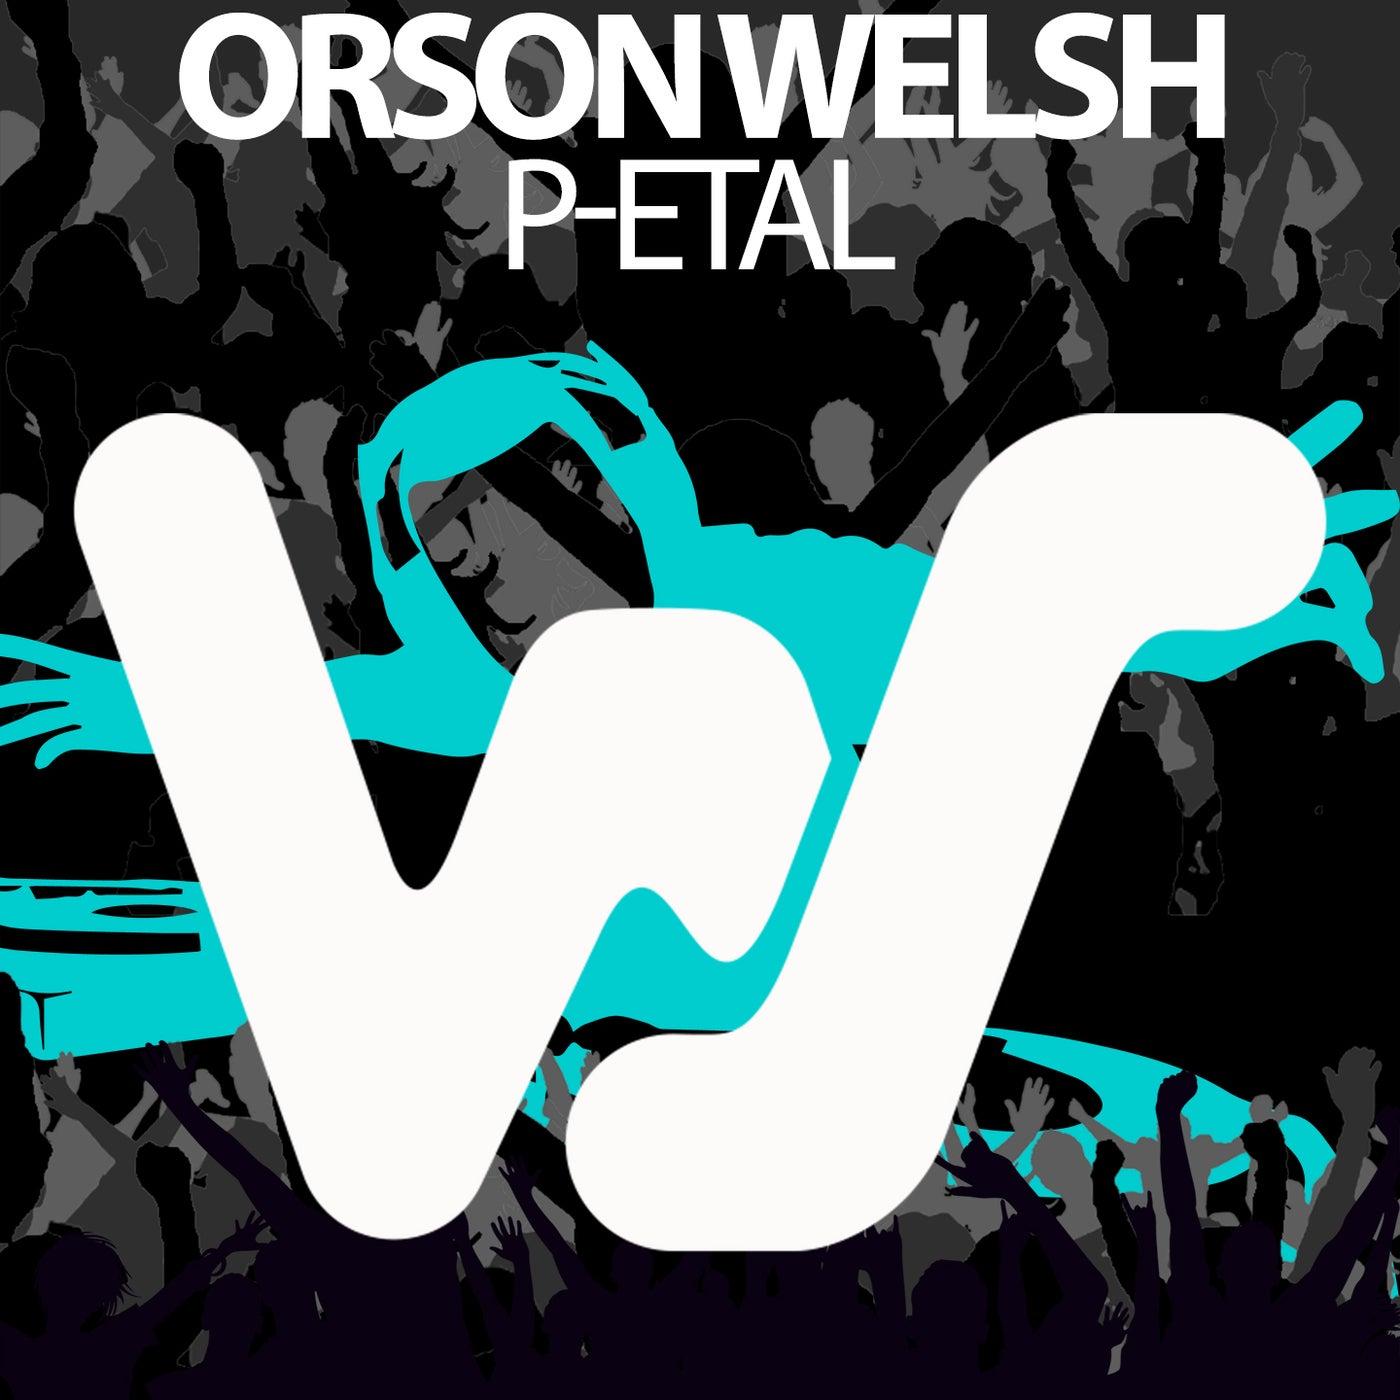 P-etal (Original Mix)